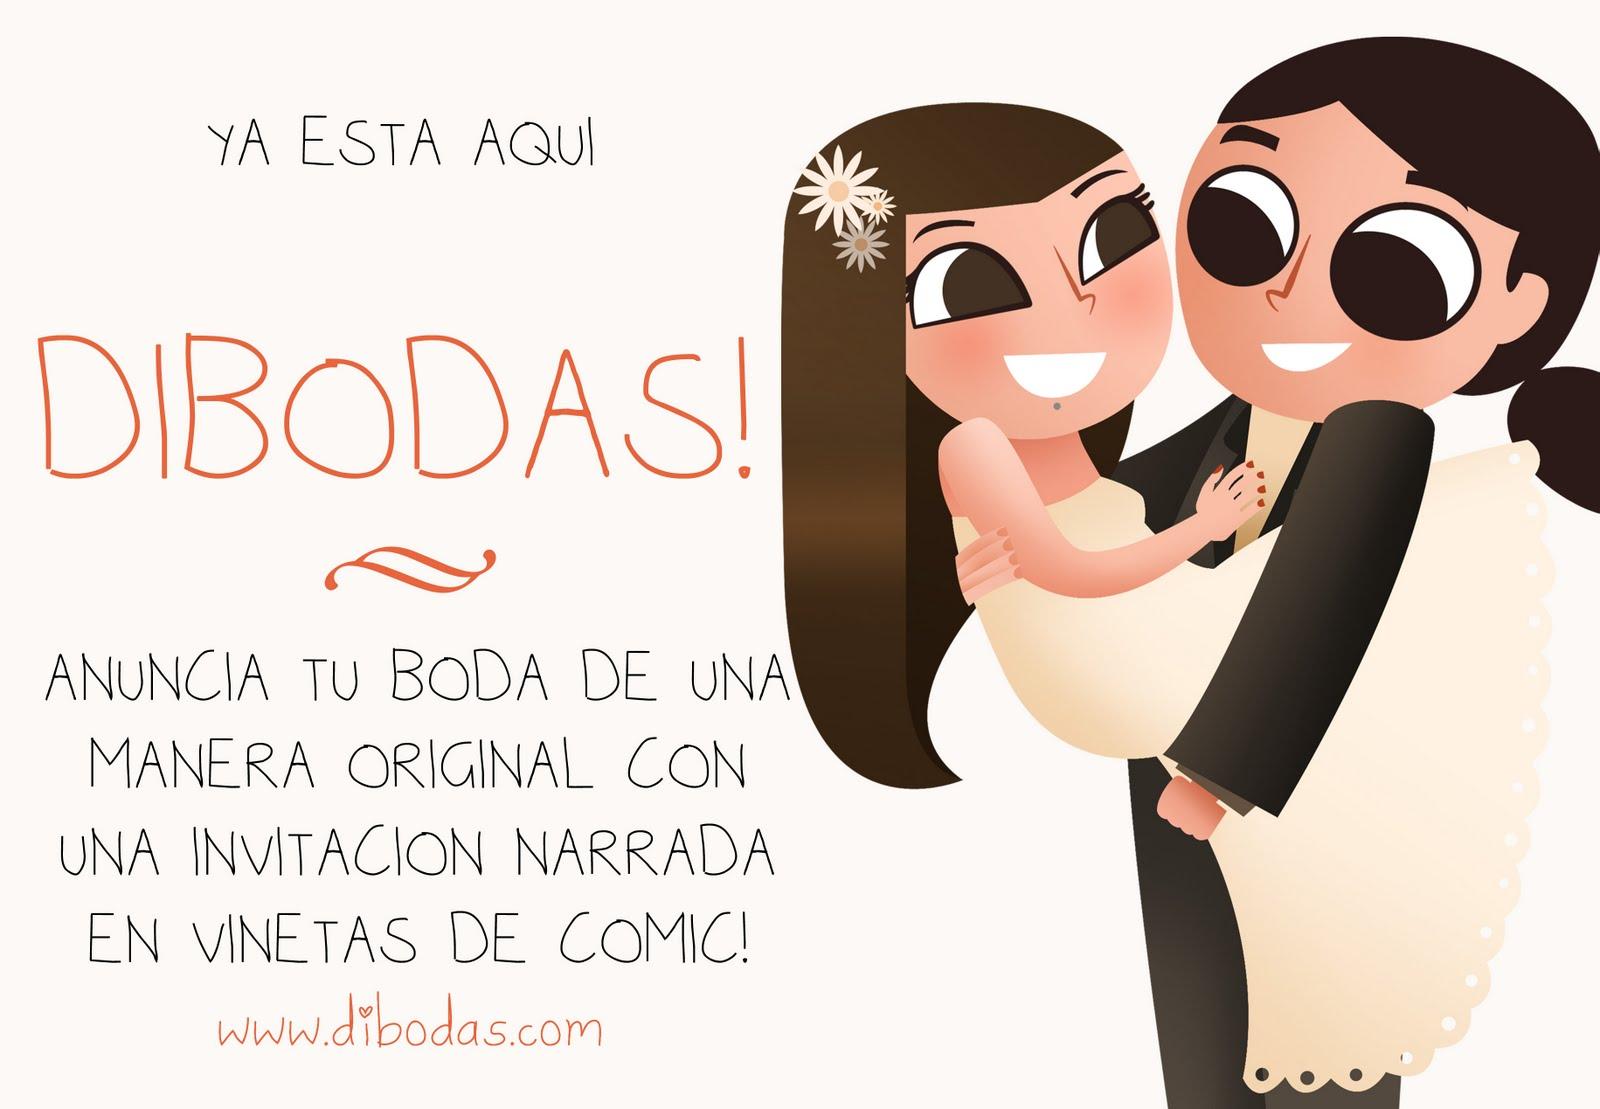 Lydia Sánchez || Illustration: Dibodas - Invitaciones de boda originales